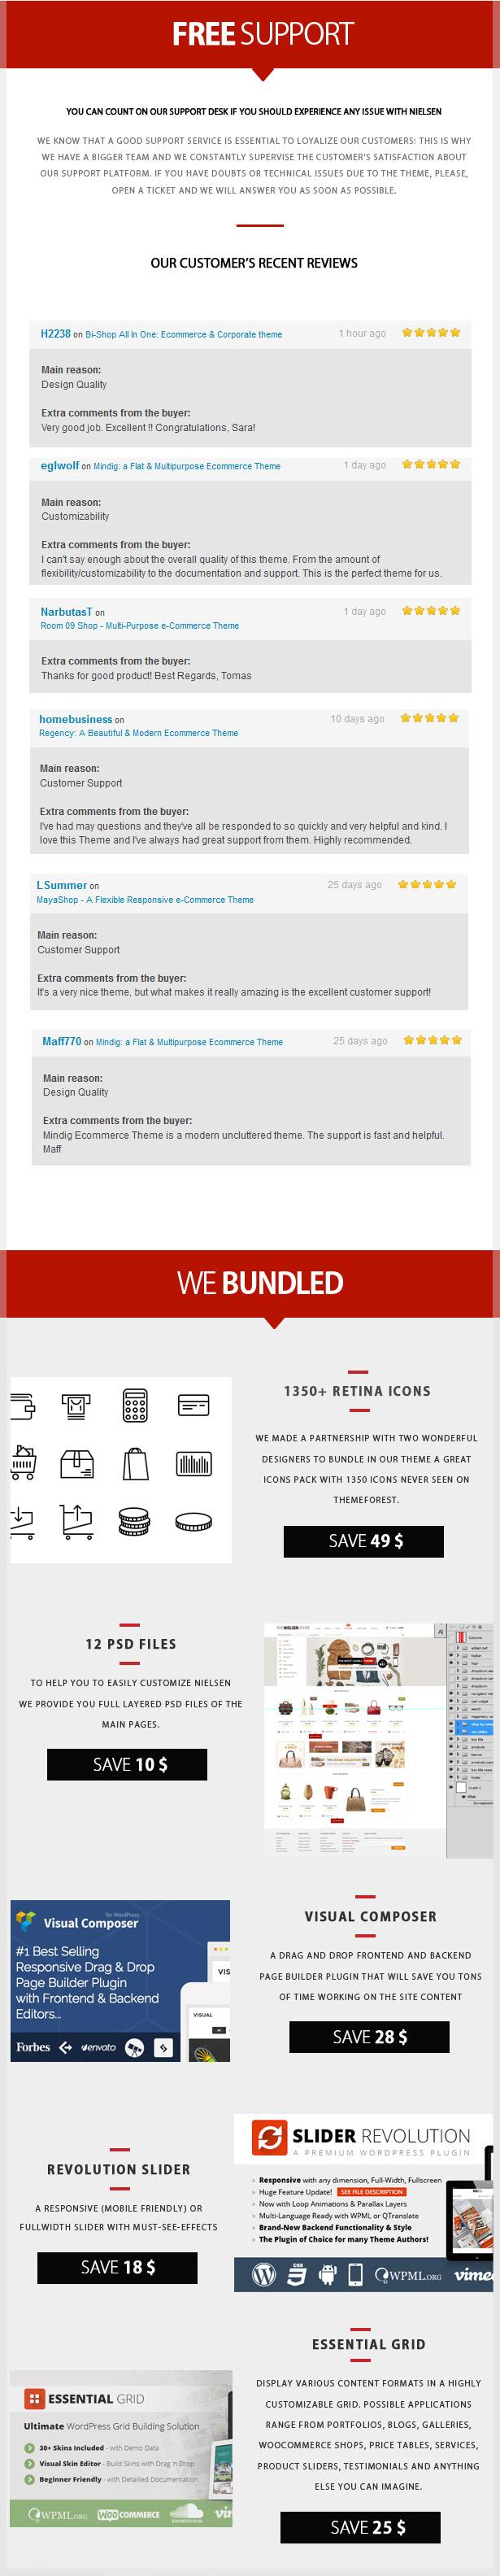 Nielsen - E-commerce WordPress Theme - 4